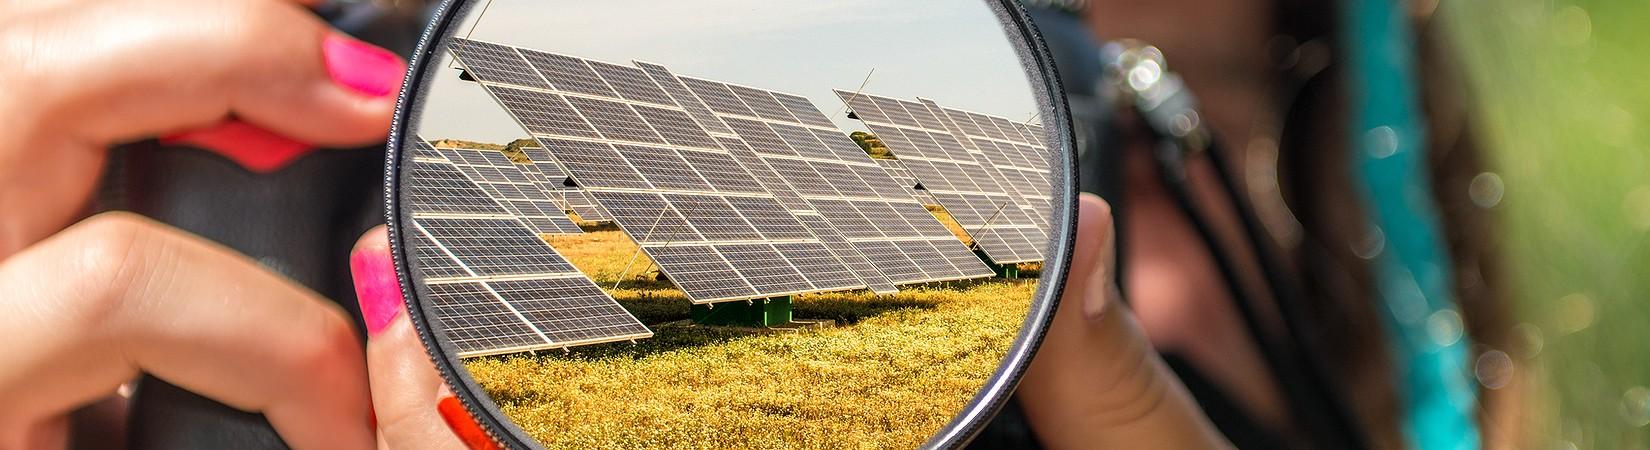 5 зеленых технологий, которые изменят мир в ближайшие 20 лет